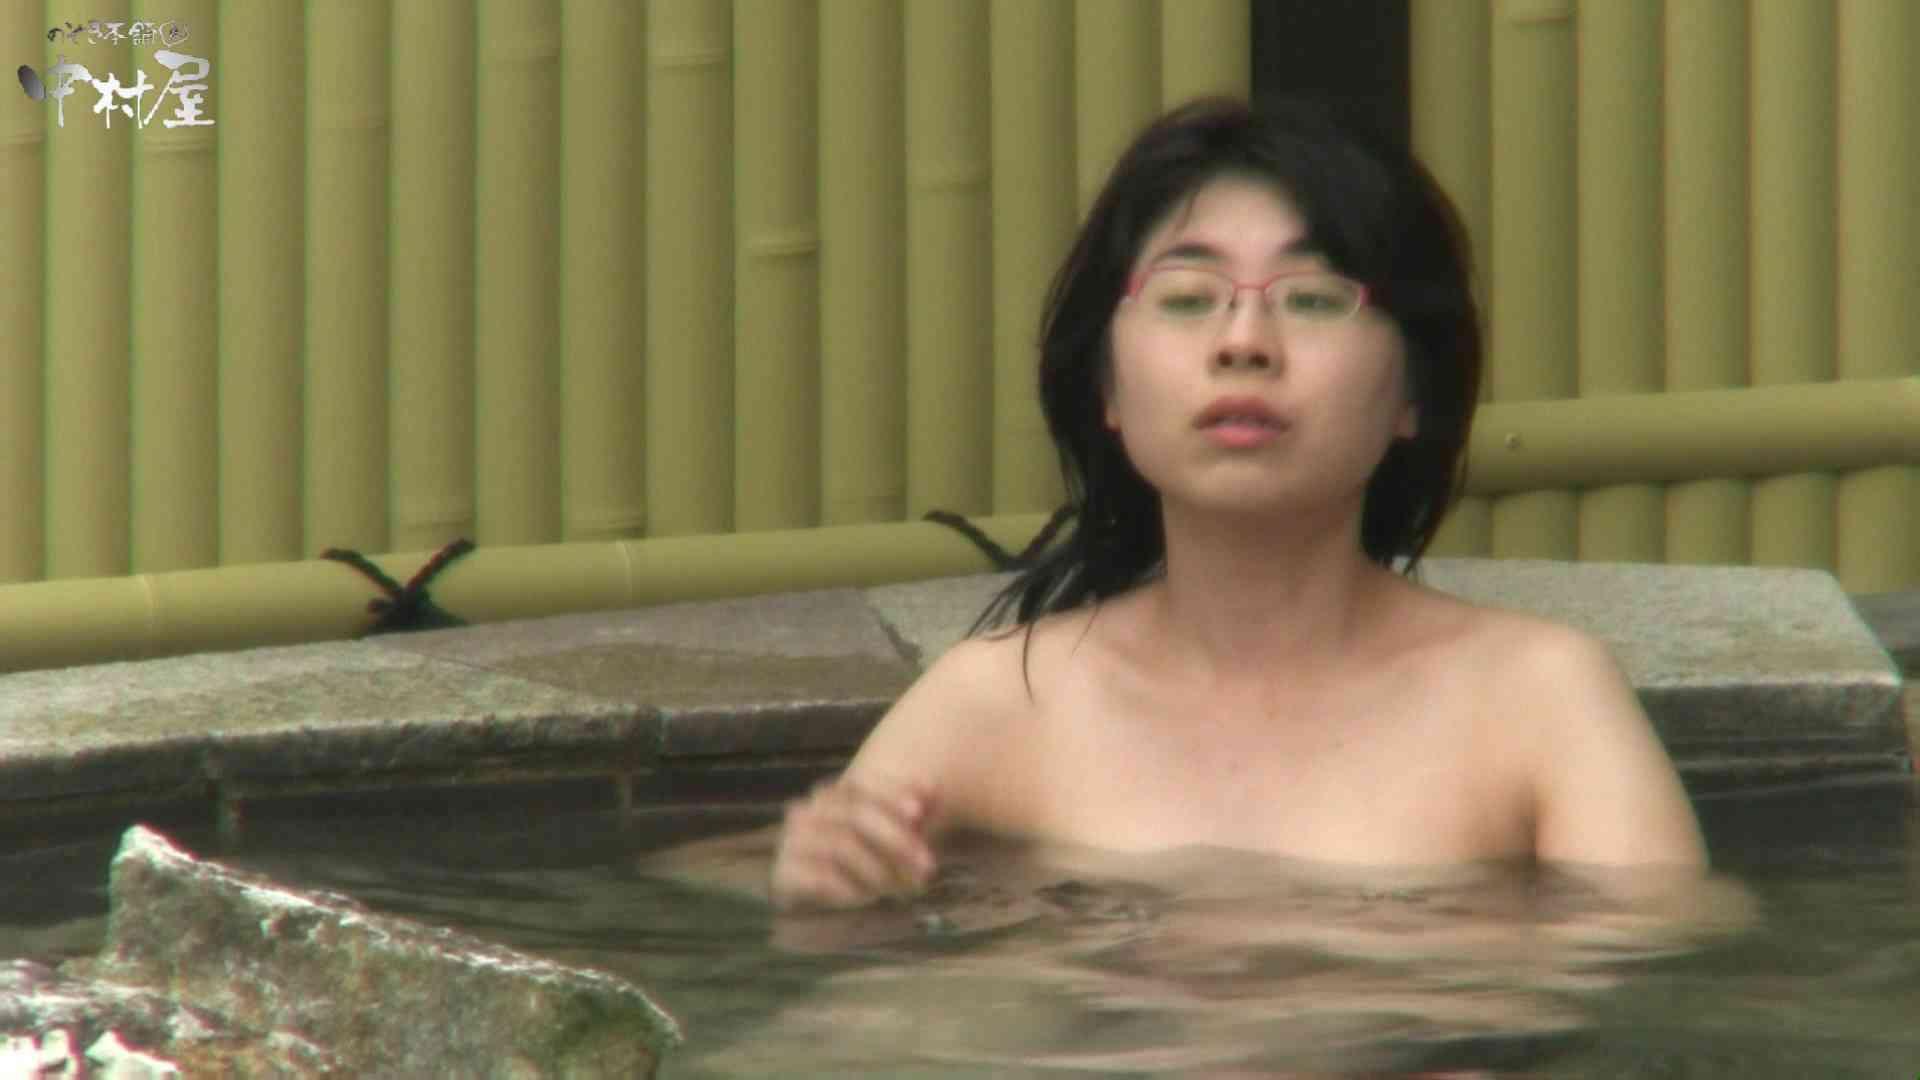 Aquaな露天風呂Vol.947 露天   盗撮  111枚 13